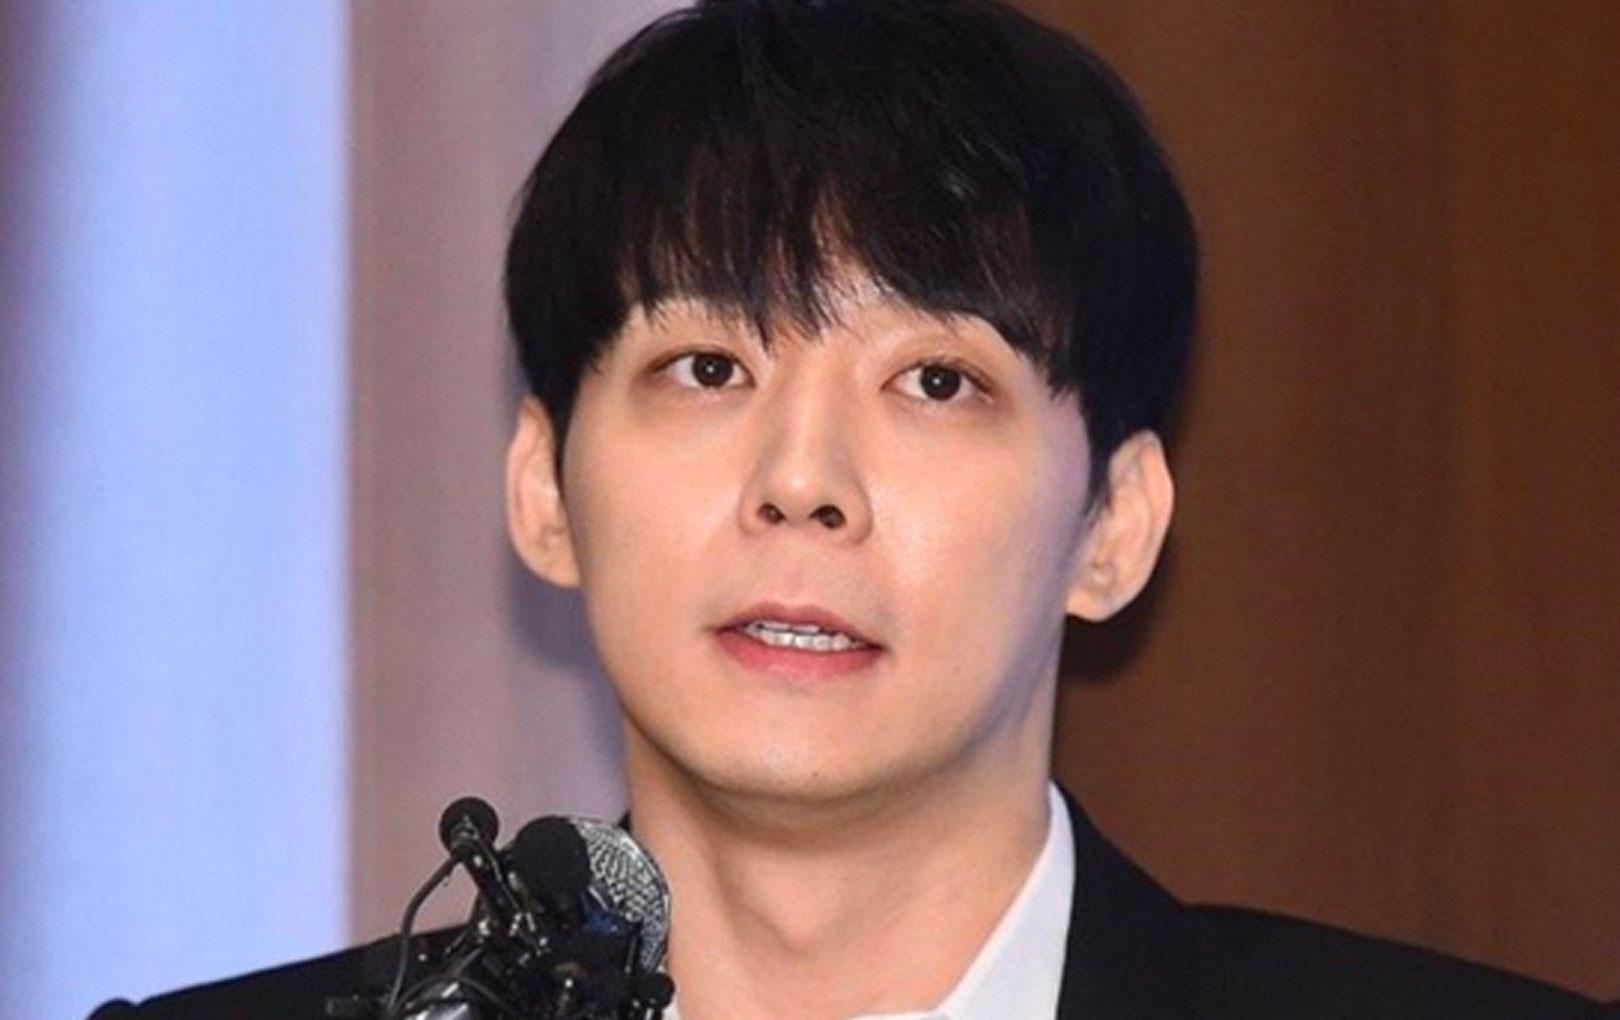 'Ám ảnh' kiện tụng từ vụ bê bối tình dục, Park Yoochun 'khóc ròng' trong buổi họp báo 'giải oan': Tôi không bao giờ dùng ma túy!